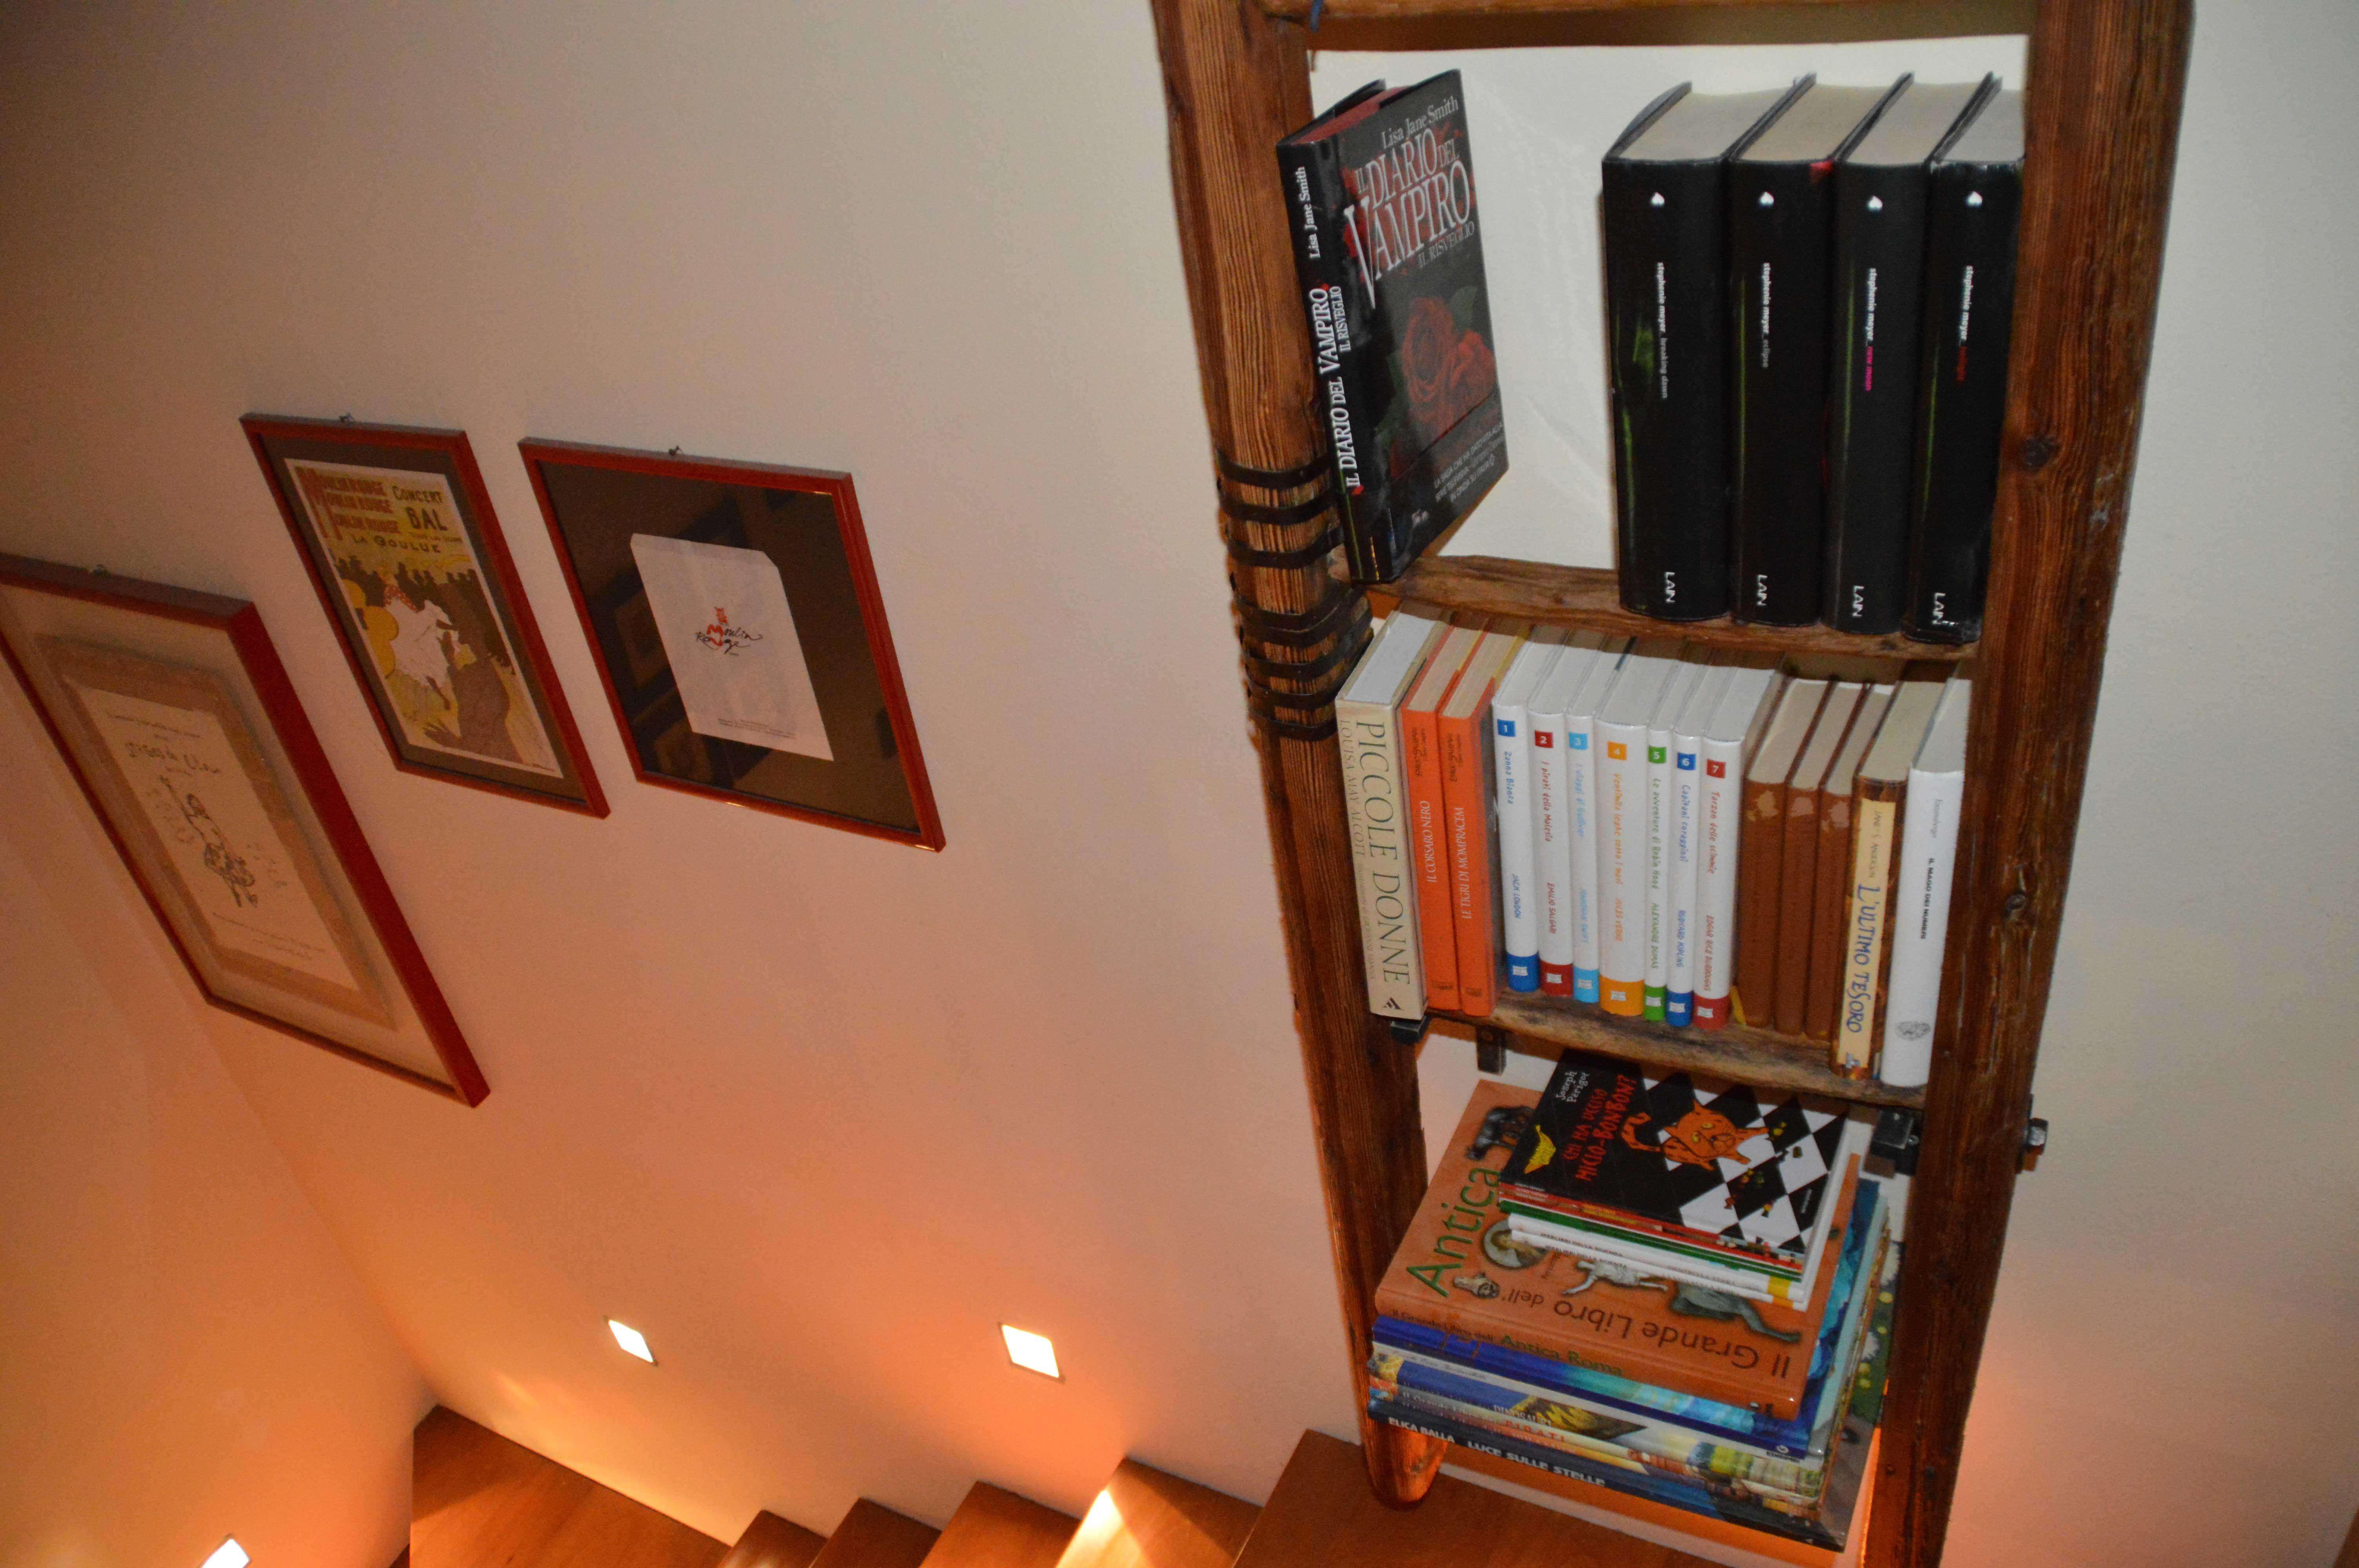 Libreria con vecchia scala a pioli l 39 arte del recupero for Dove posso trovare i progetti per la mia casa